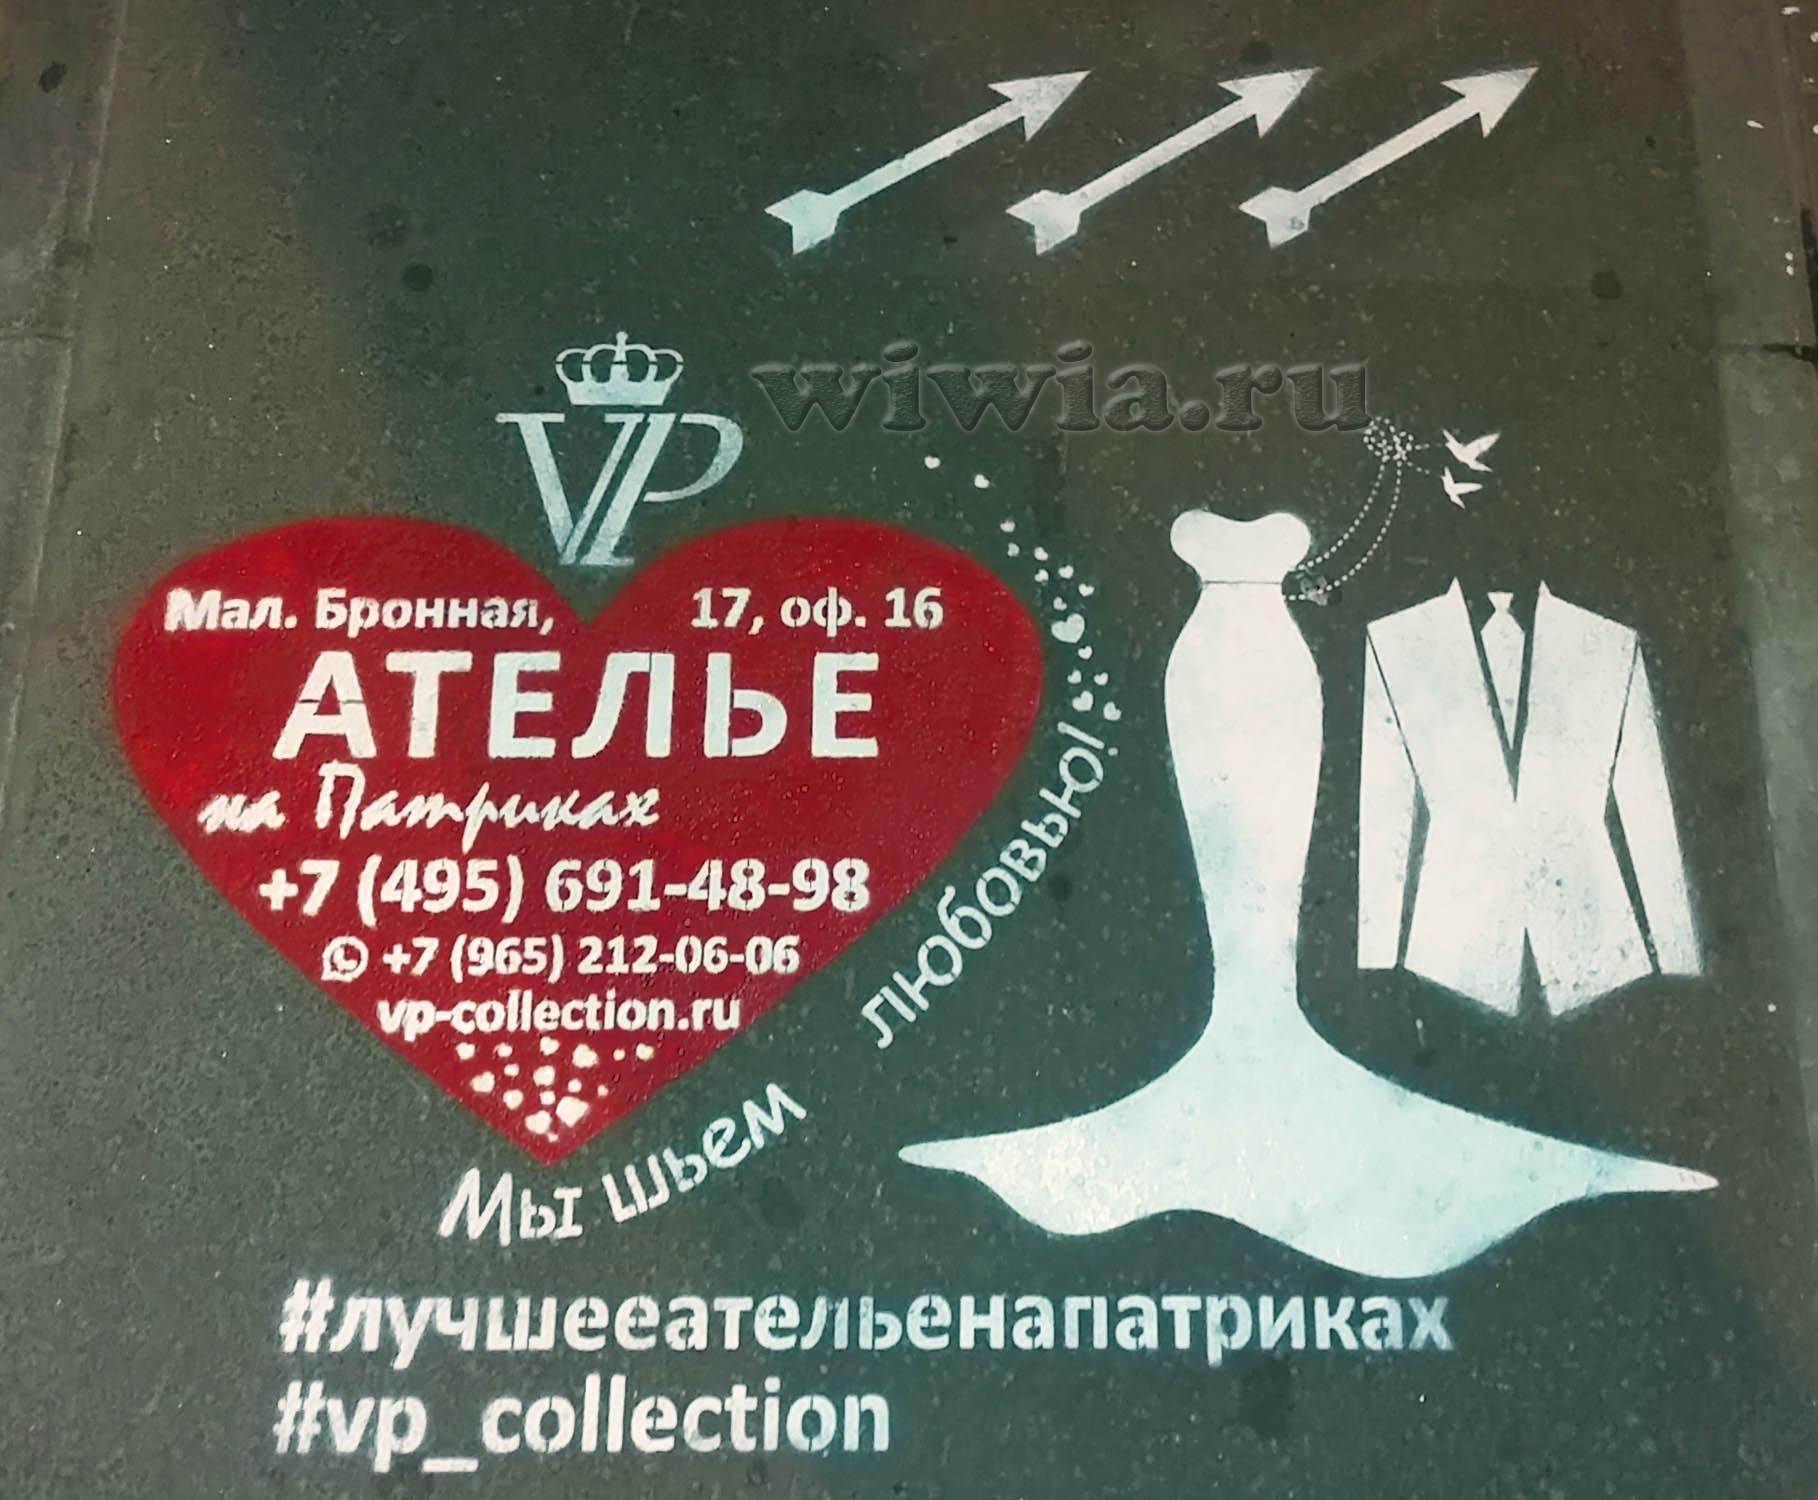 Реклама на асфальте. Ателье.